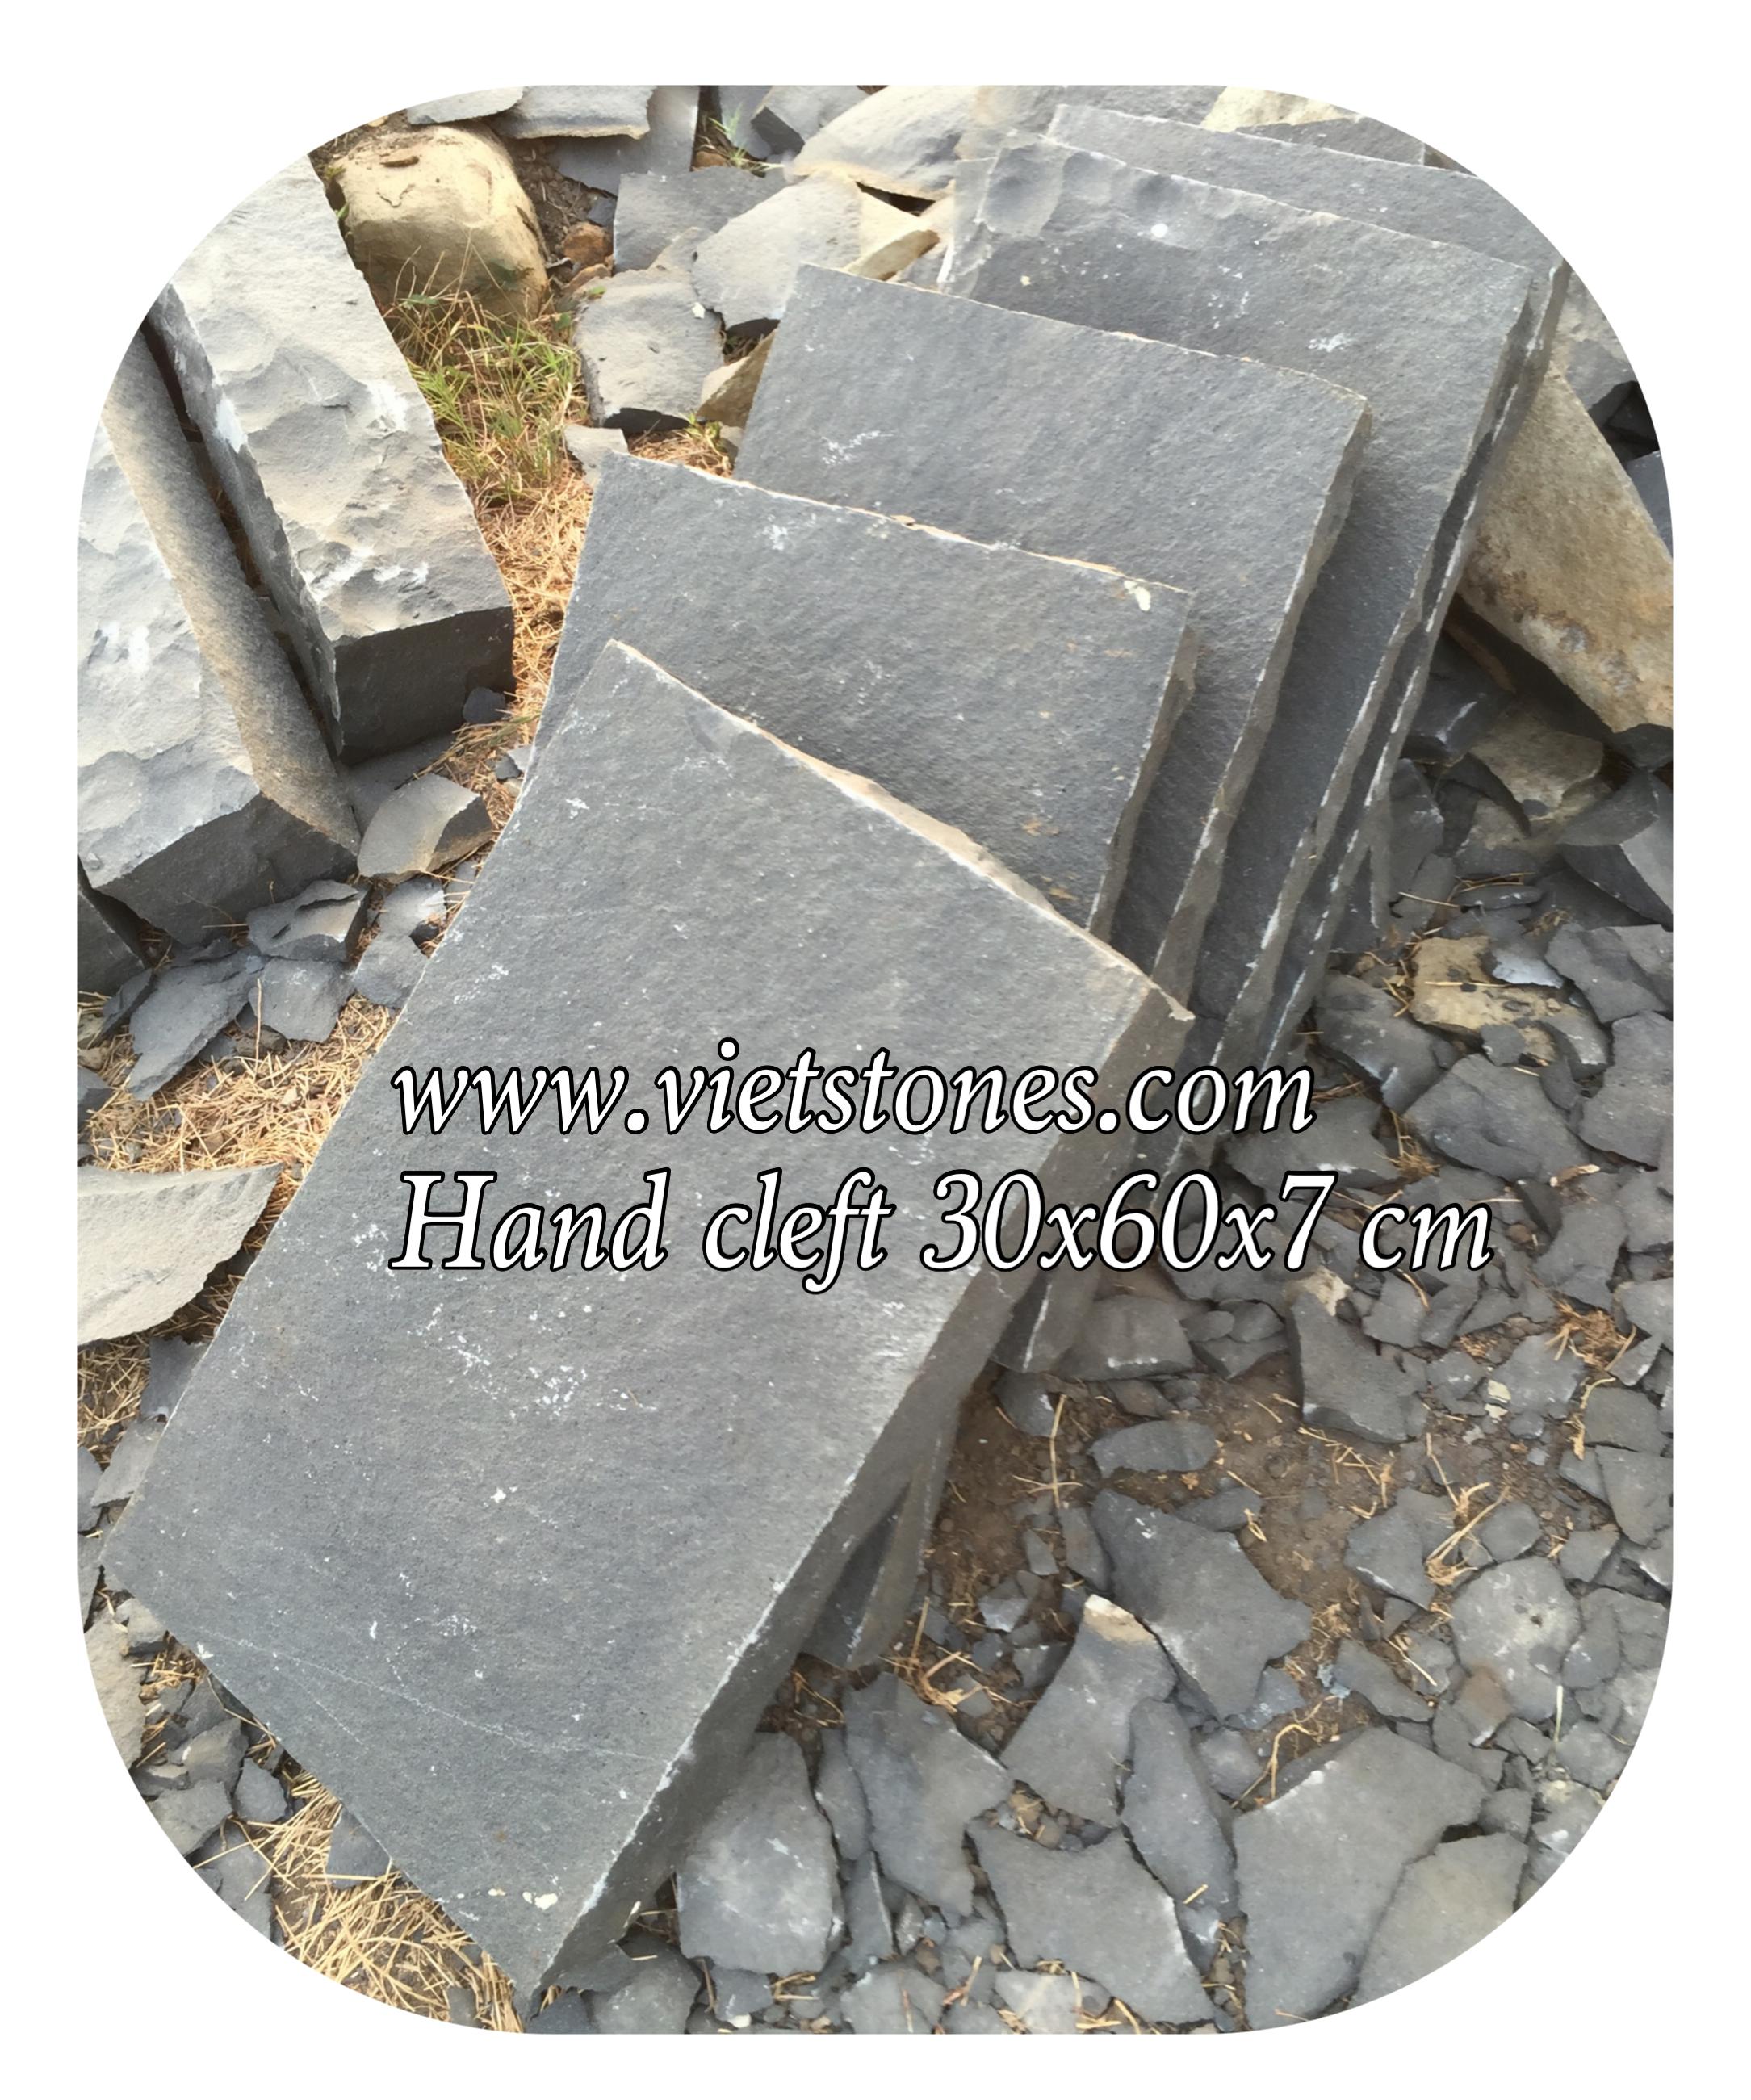 Basalt bước dặm chẻ tay 30 x 60 x 7 cm